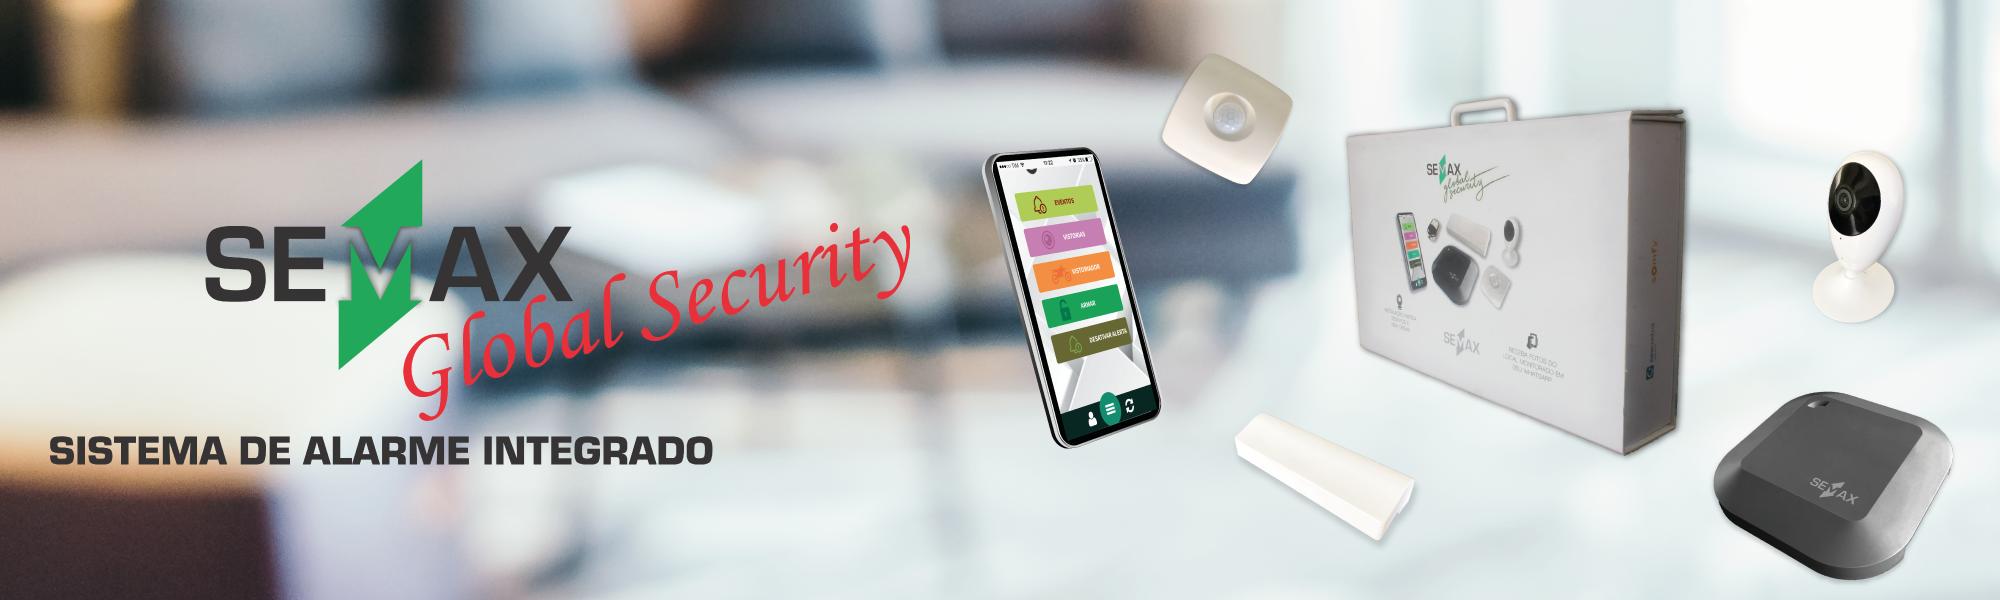 Conheça o nosso sistema de alarme integrado